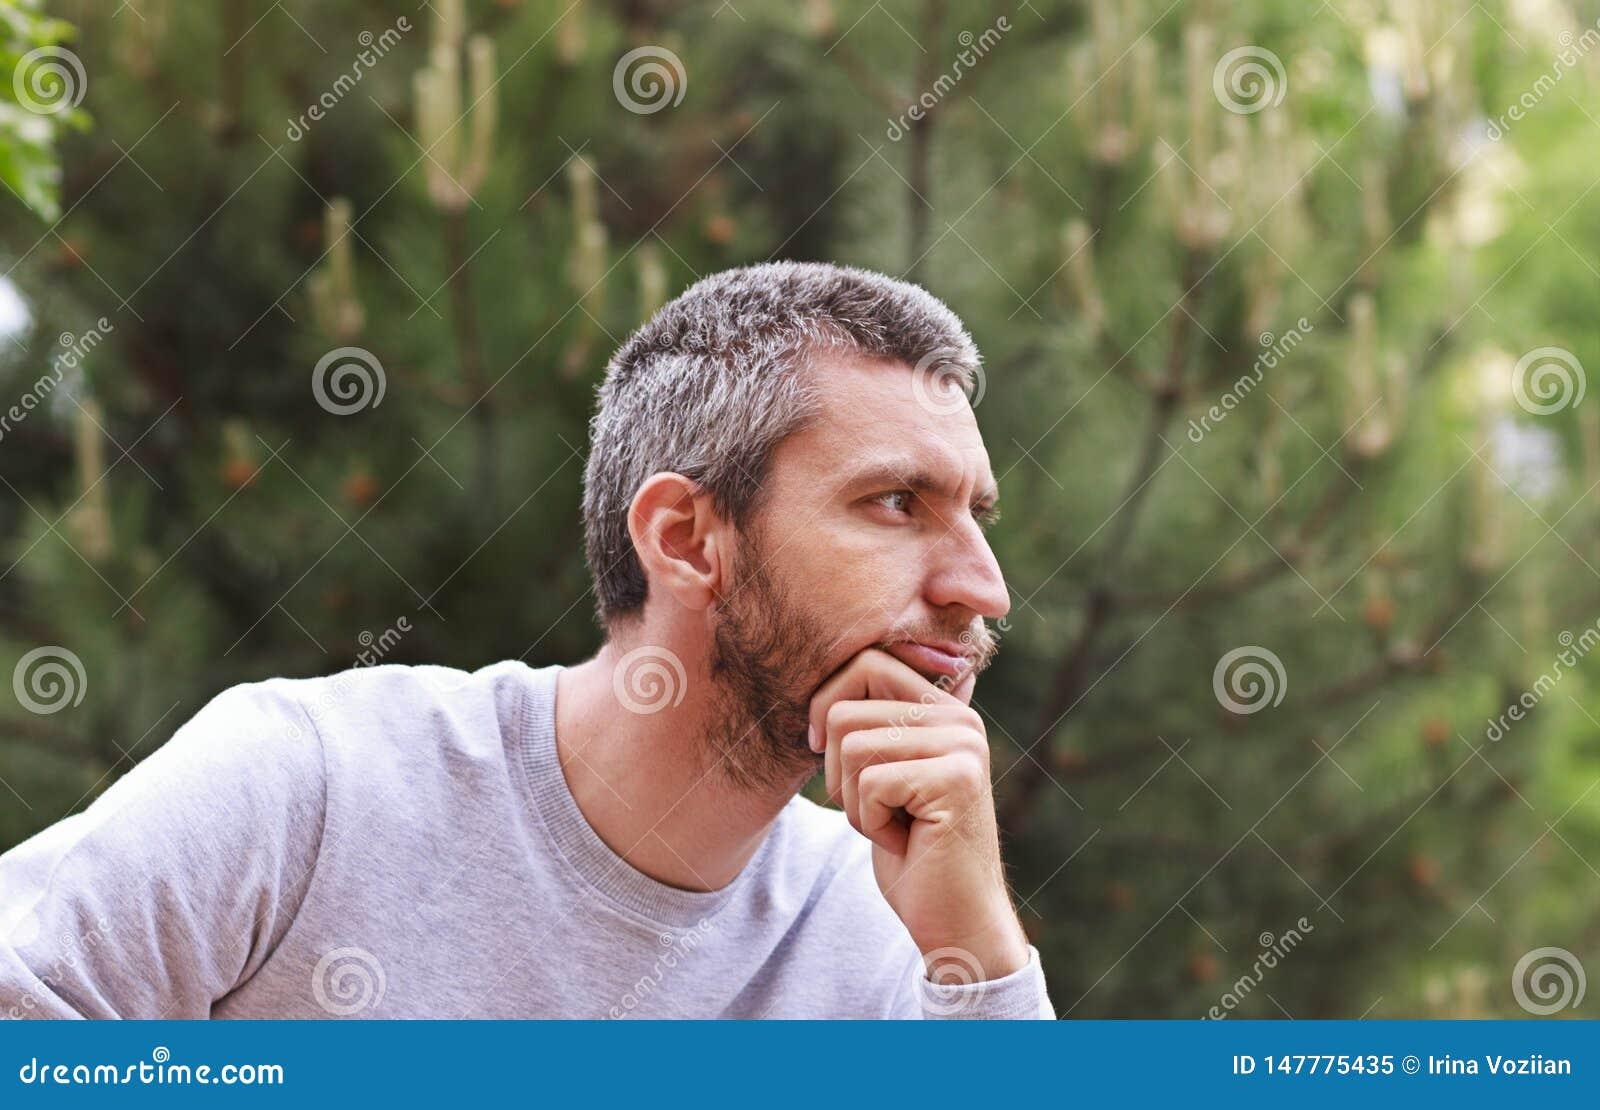 Rozważni mężczyzn spojrzenia w odległość